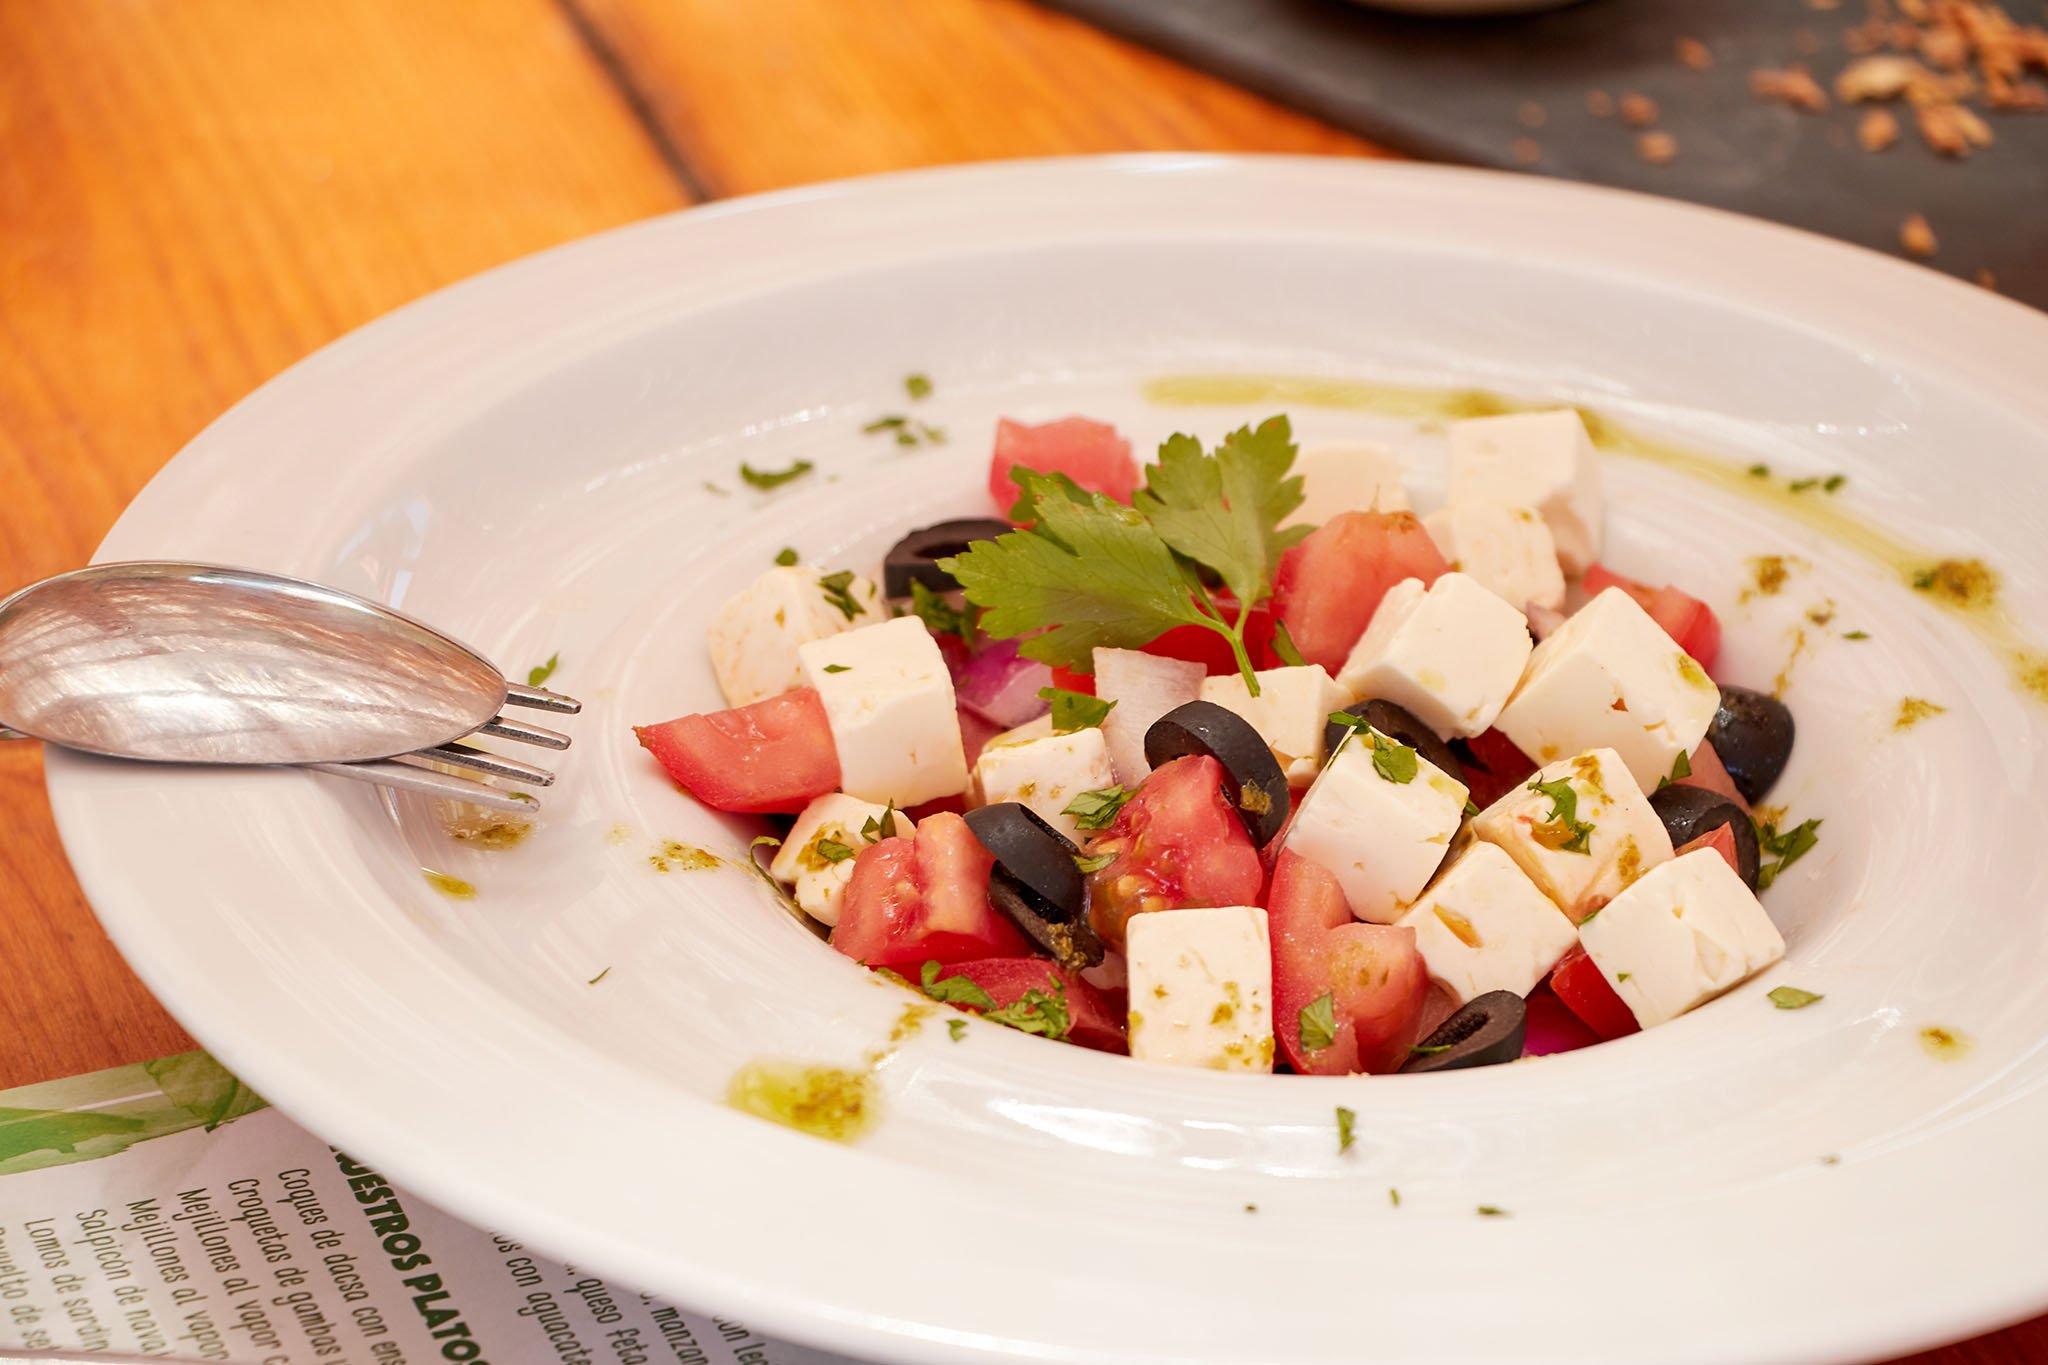 Ensalada fresca de tomate – Isla Bonita